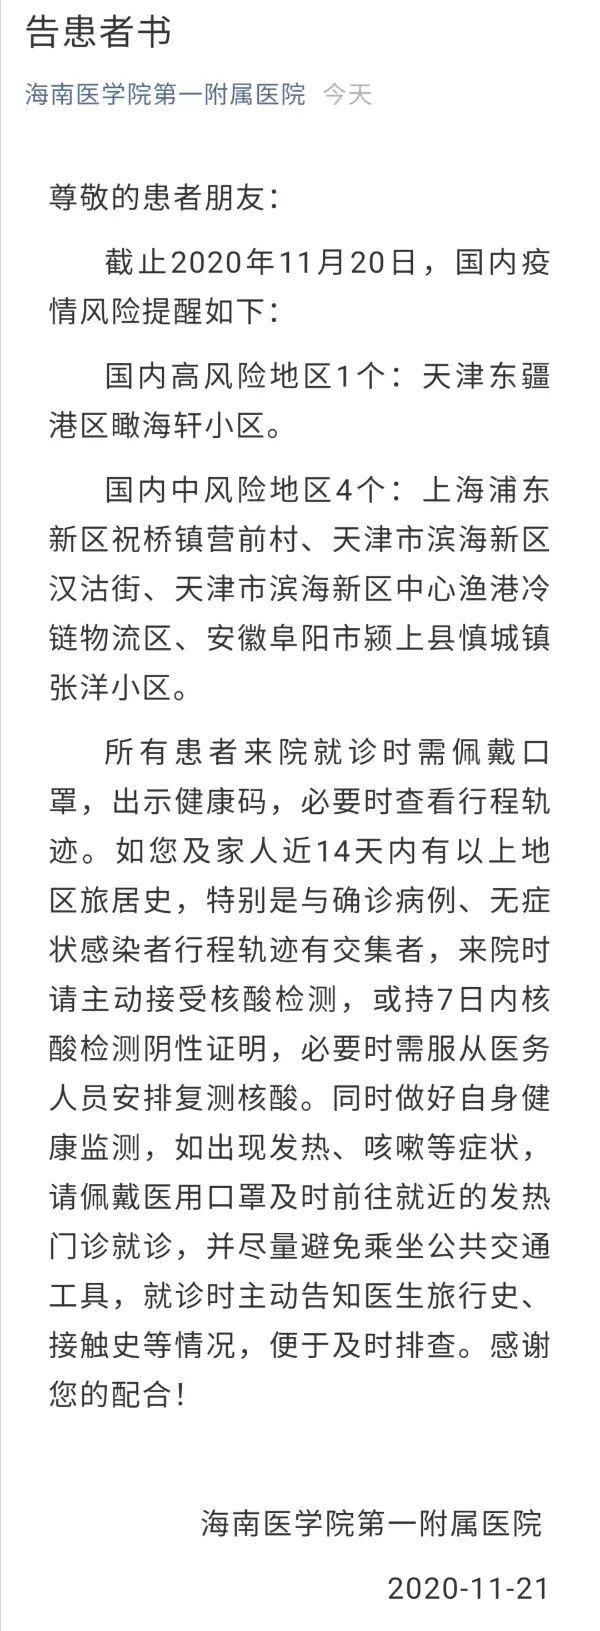 海南两家医院发布就诊提示:这些人需接受核酸